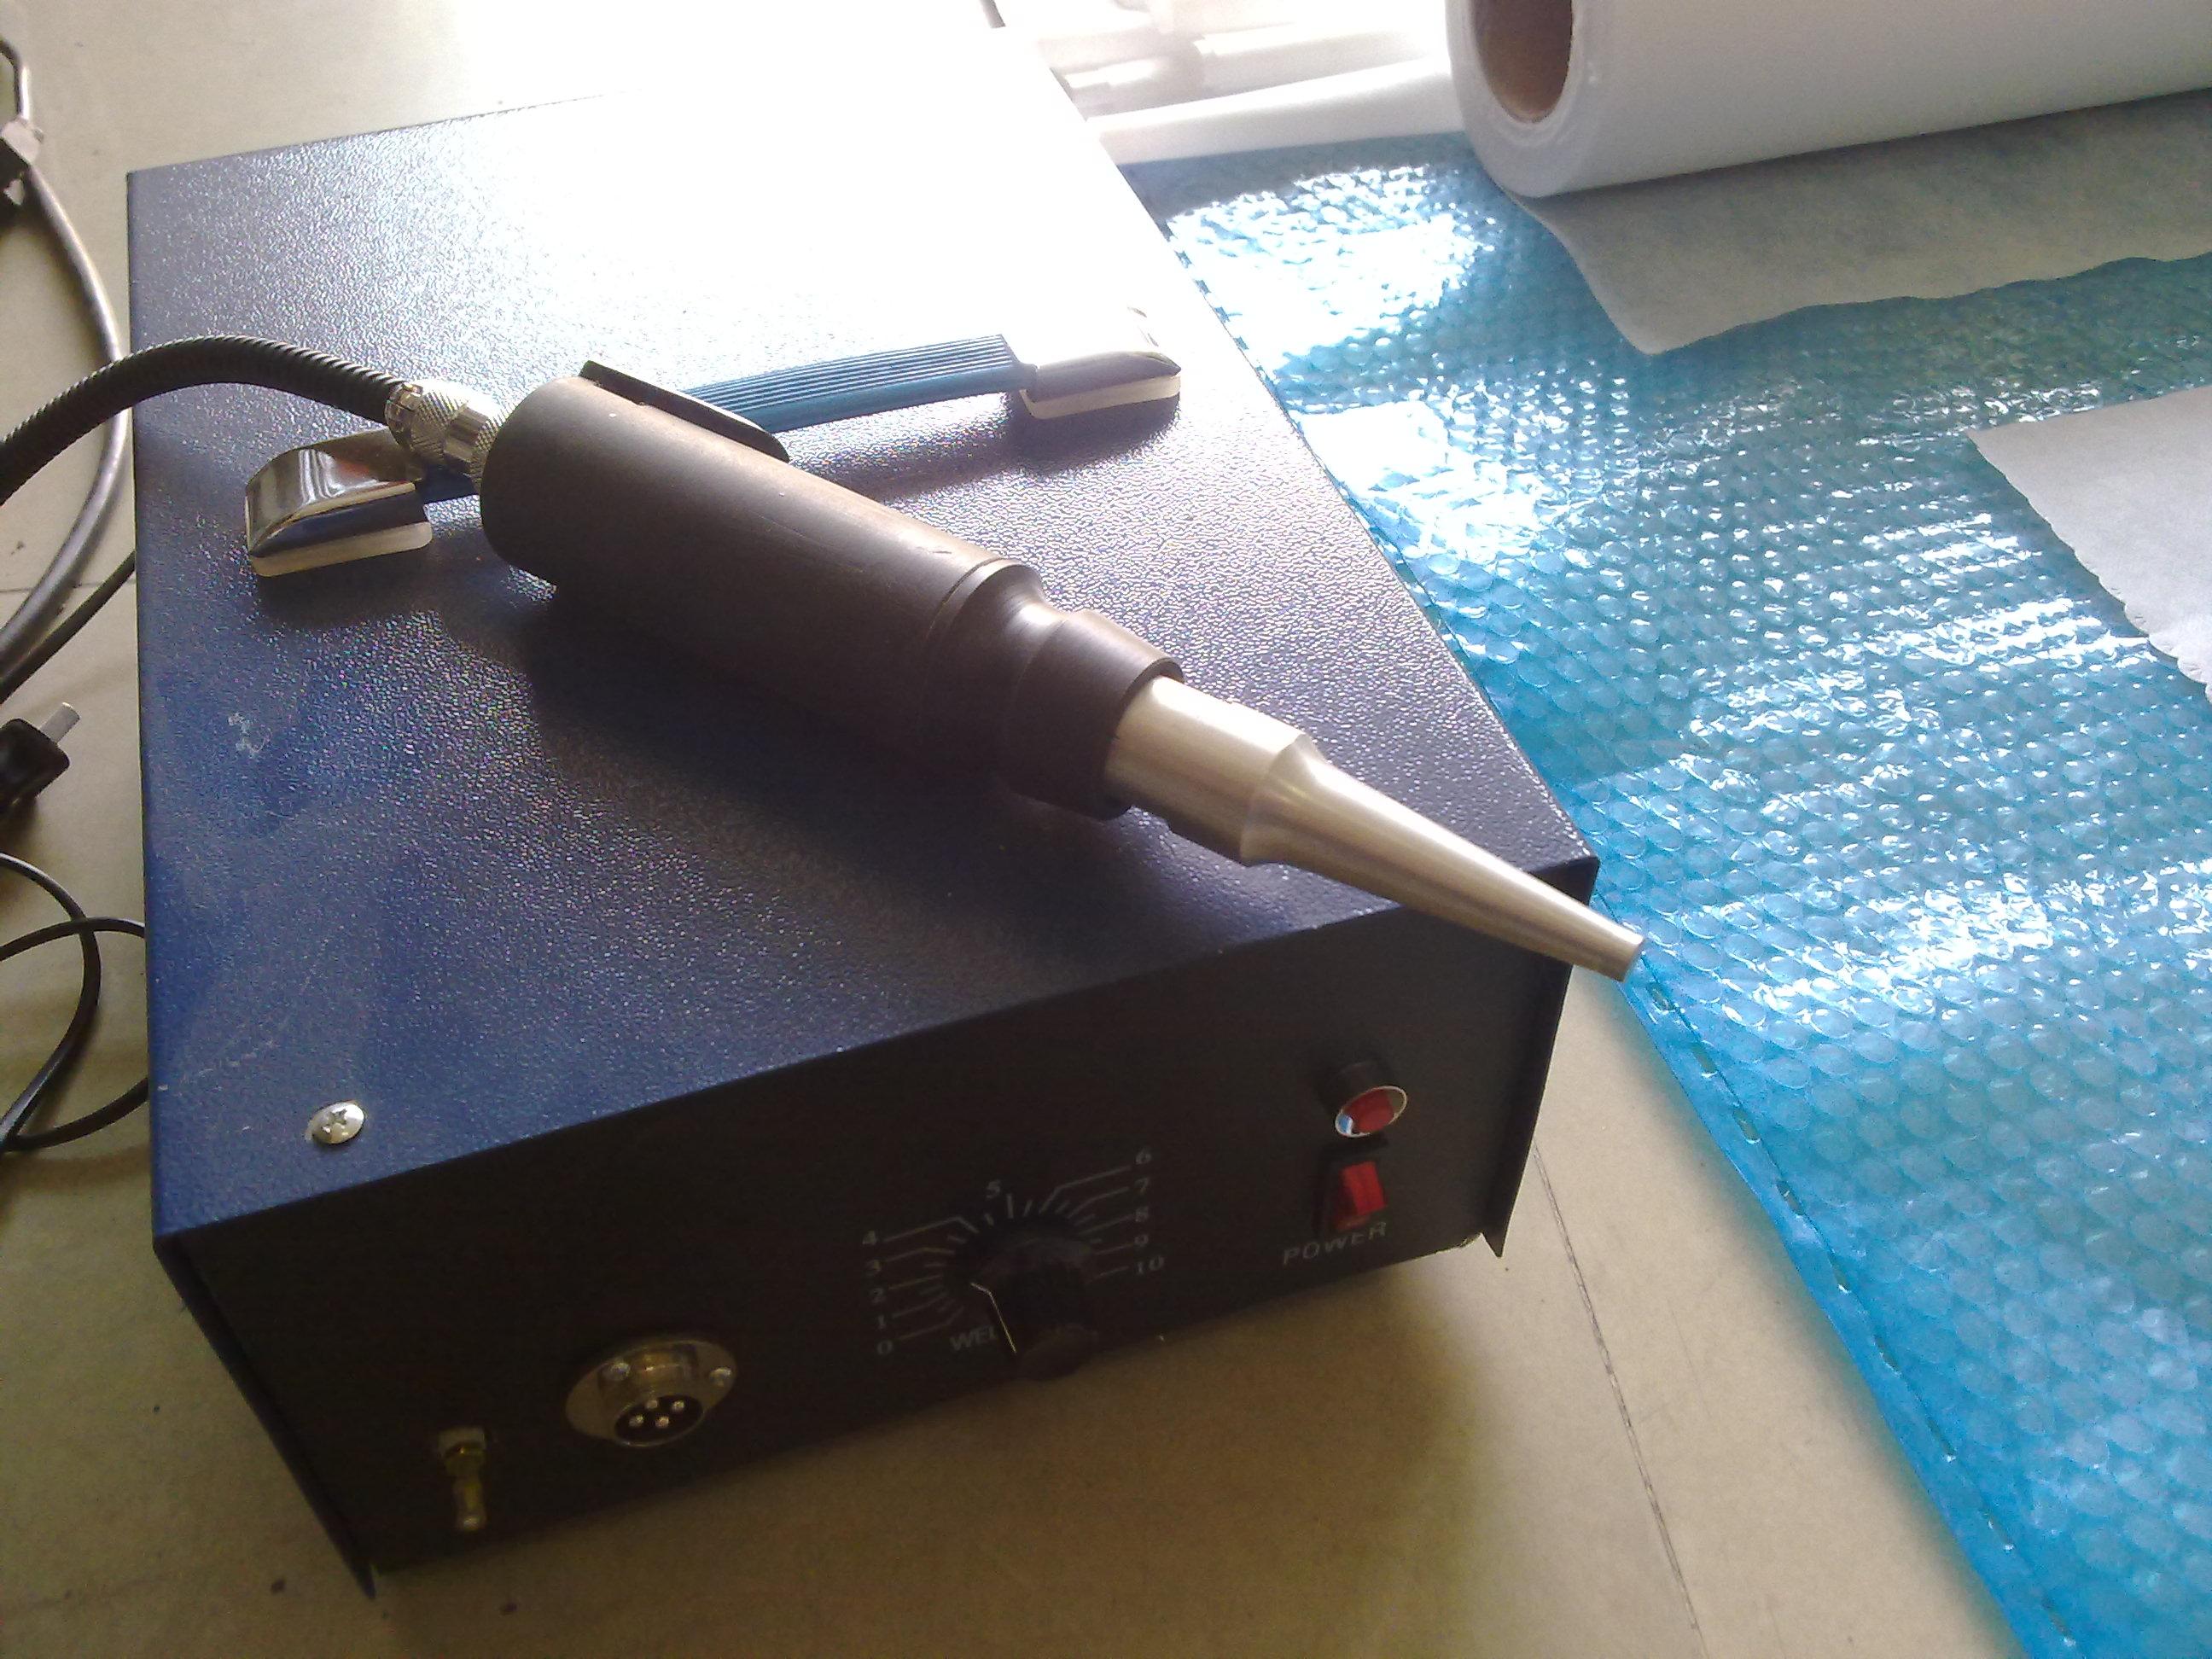 型号:300W-5600W 手持式,台式,数控式超声波焊接机,全自动超声波焊接生产线 明和超声波产品:超声波焊接机,超声波清洗机,超声波土工格栅焊接机,振动摩擦焊接机各种非标塑料熔接设备! 工作原理: 热塑性材料在加热元件加热下,分子达到熔融状态,短时间内两塑件在一定压力下压合,相互间通过分子运动成为一体,并经一定时间冷却后,两塑件就会熔合为一体,并达到一定熔接强度,这样就实现了熔接功能。 特点: 设备系列分为垂直或平行热板装置 传动系统会采用气动、液压驱动或侍服马达推动 灵巧设计以适应生产所需 优点: